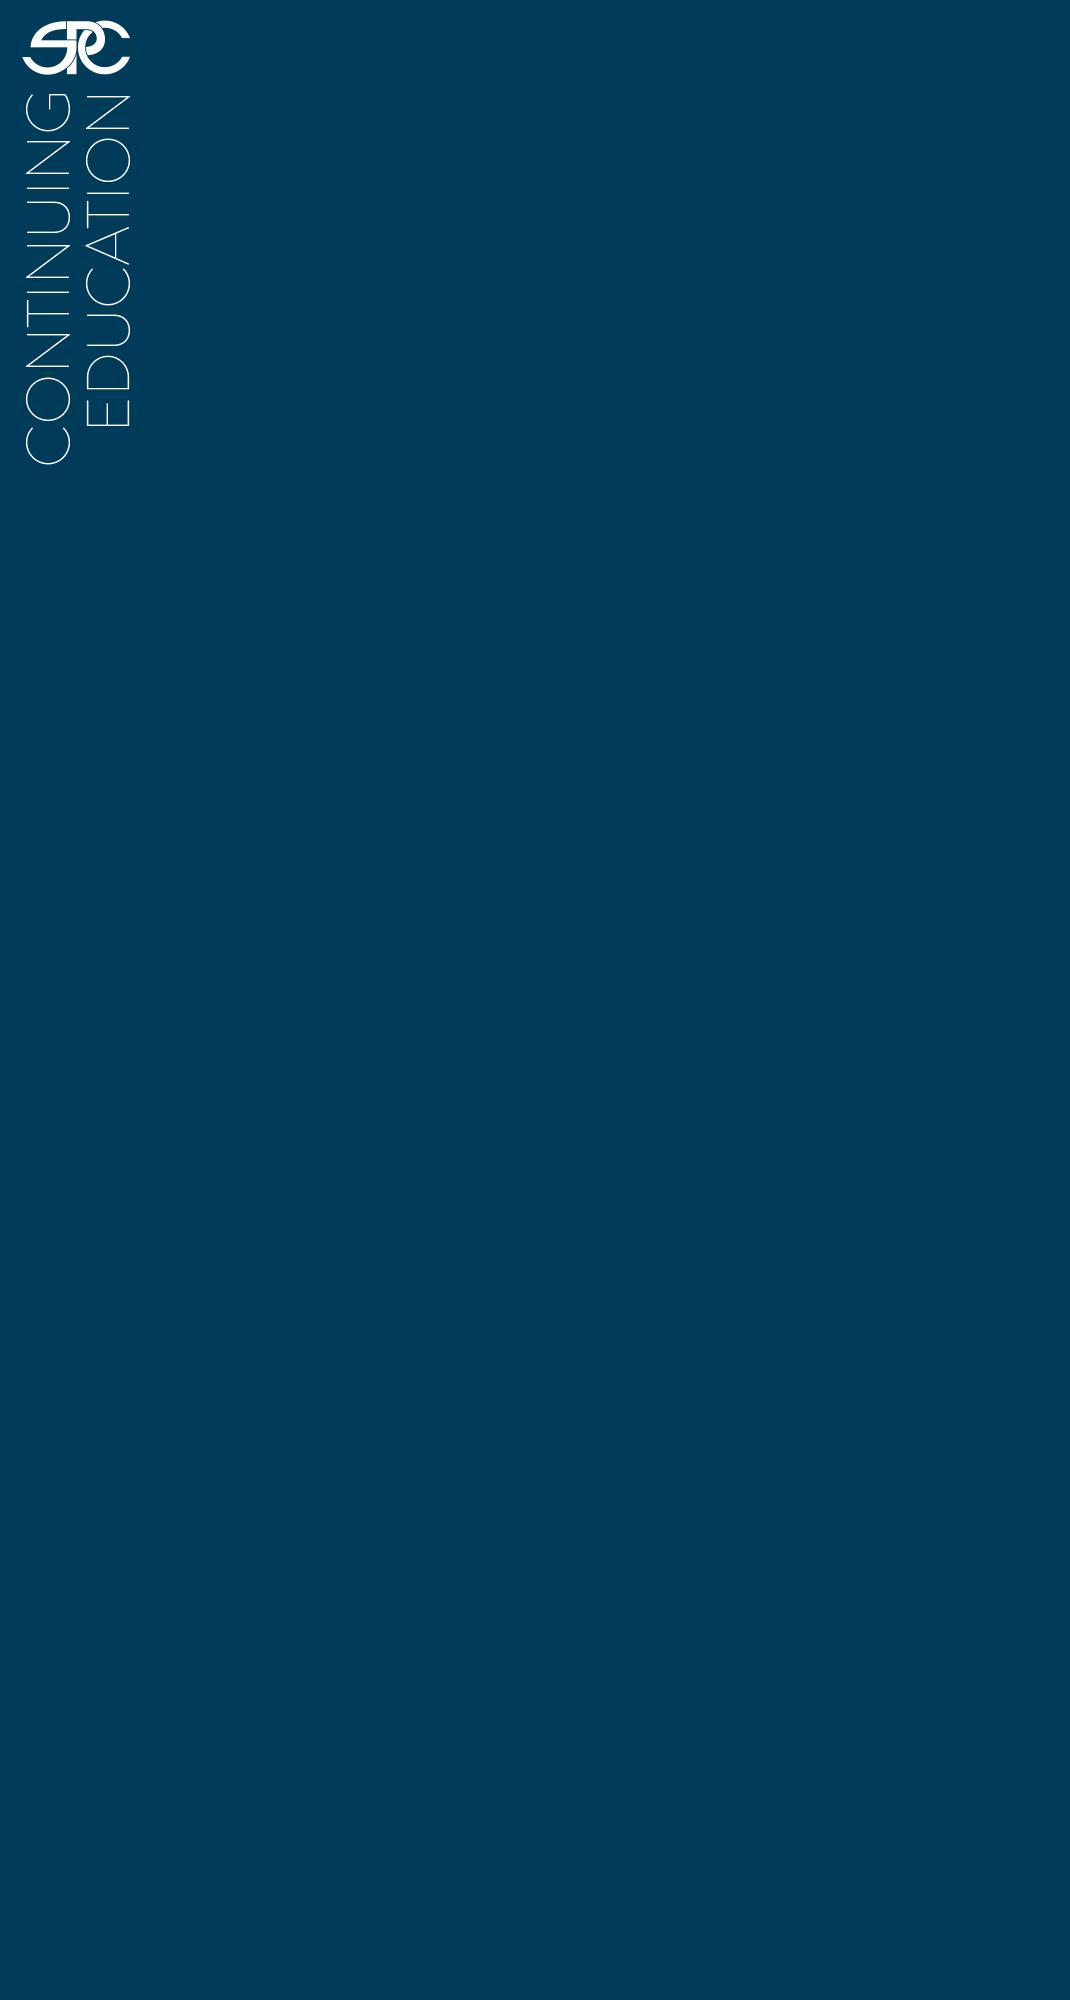 Soal Ukg Ips Smp 2015 Pdf